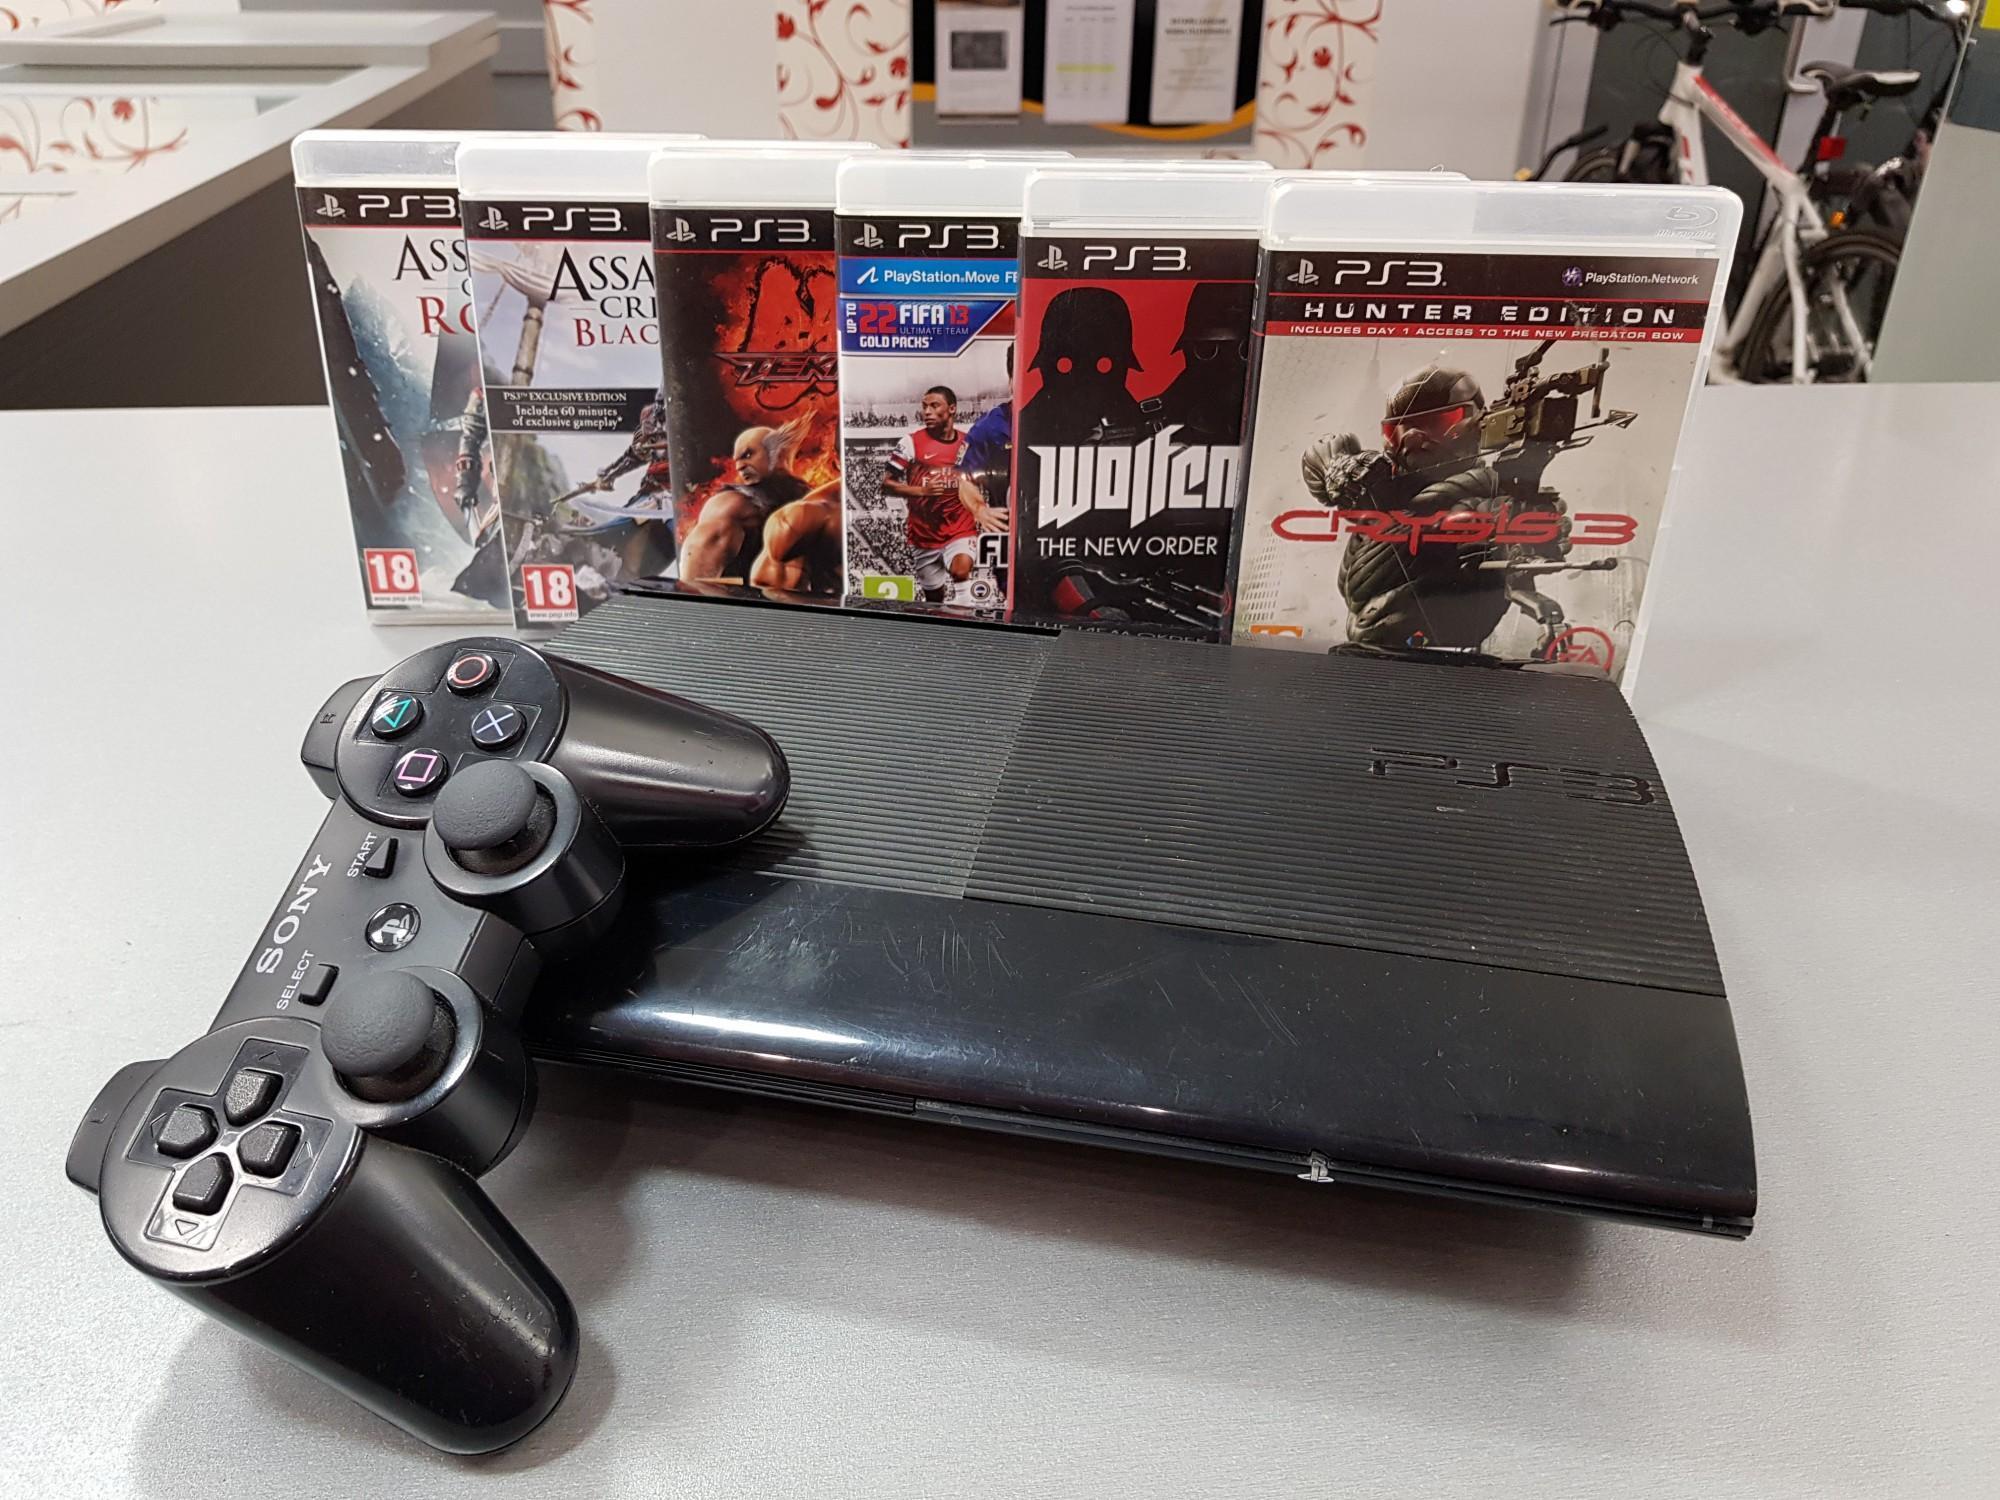 82b6efea9f5 Mängukonsool Sony PlayStation 3 Slim 500GB - Luutar